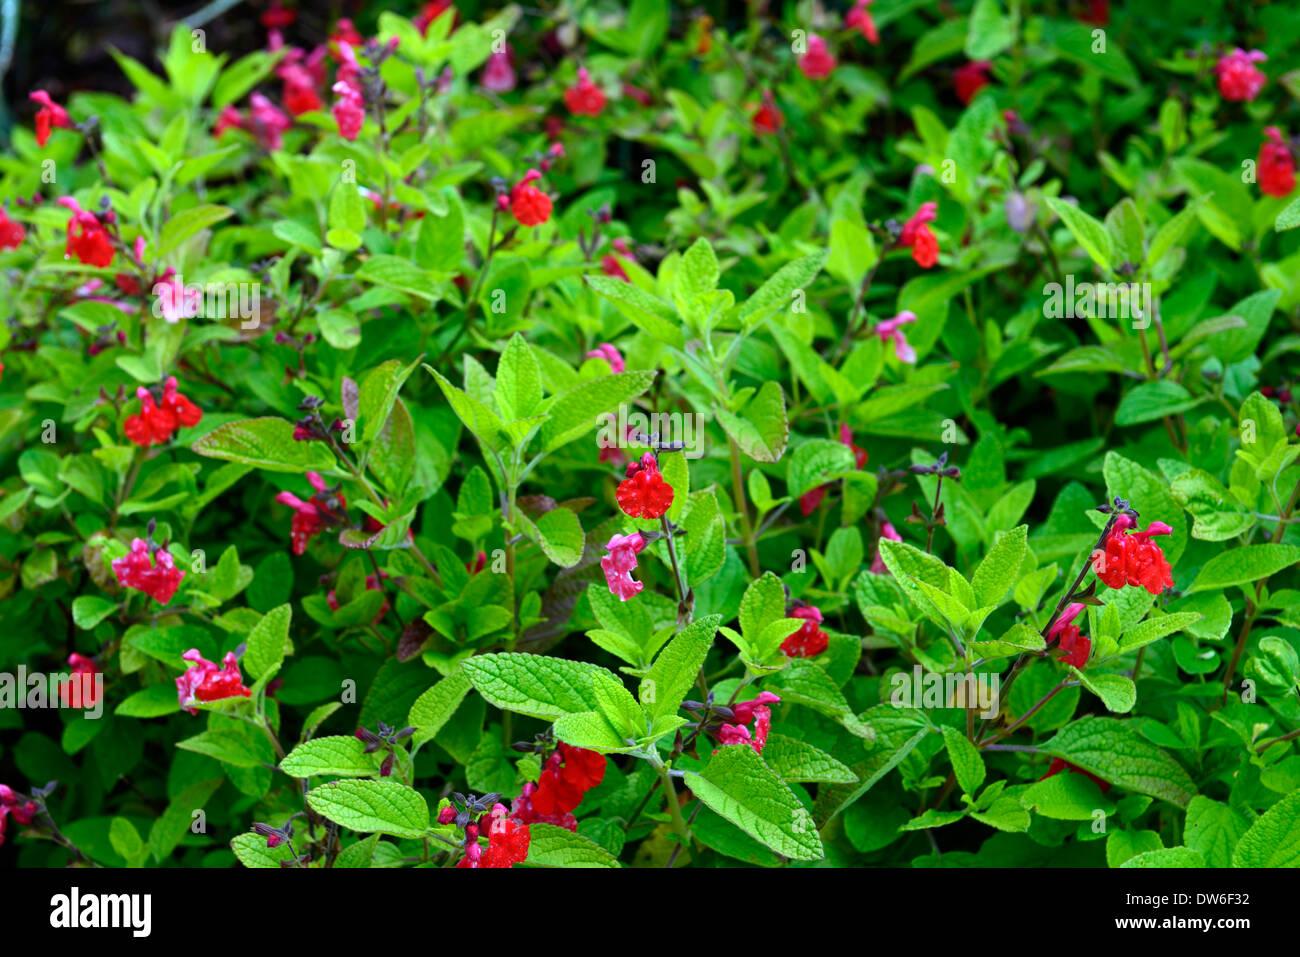 Salvia microphylla var neurepia red flowers green leaves foliage salvia microphylla var neurepia red flowers green leaves foliage sage sages perennials flowers flowering bloom mightylinksfo